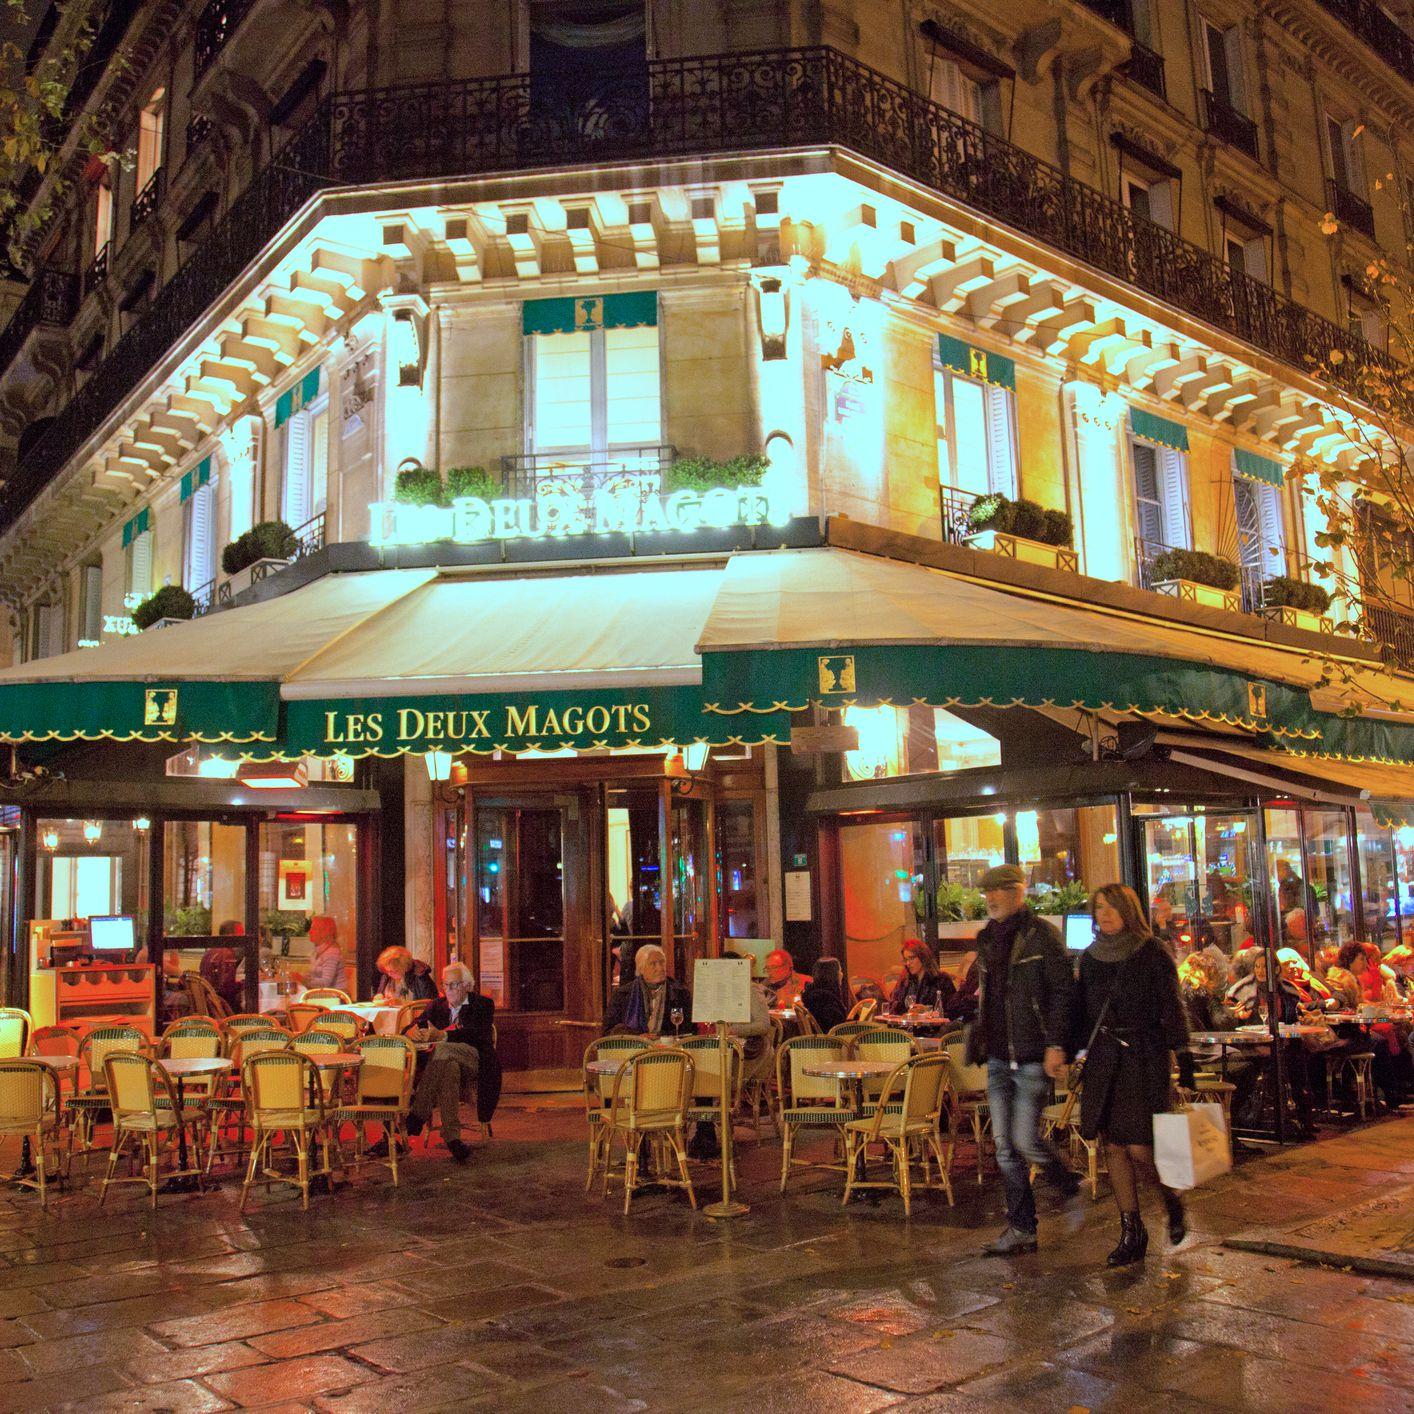 The Top 10 Things to Do in Paris's Saint-Germain-des-Prés District